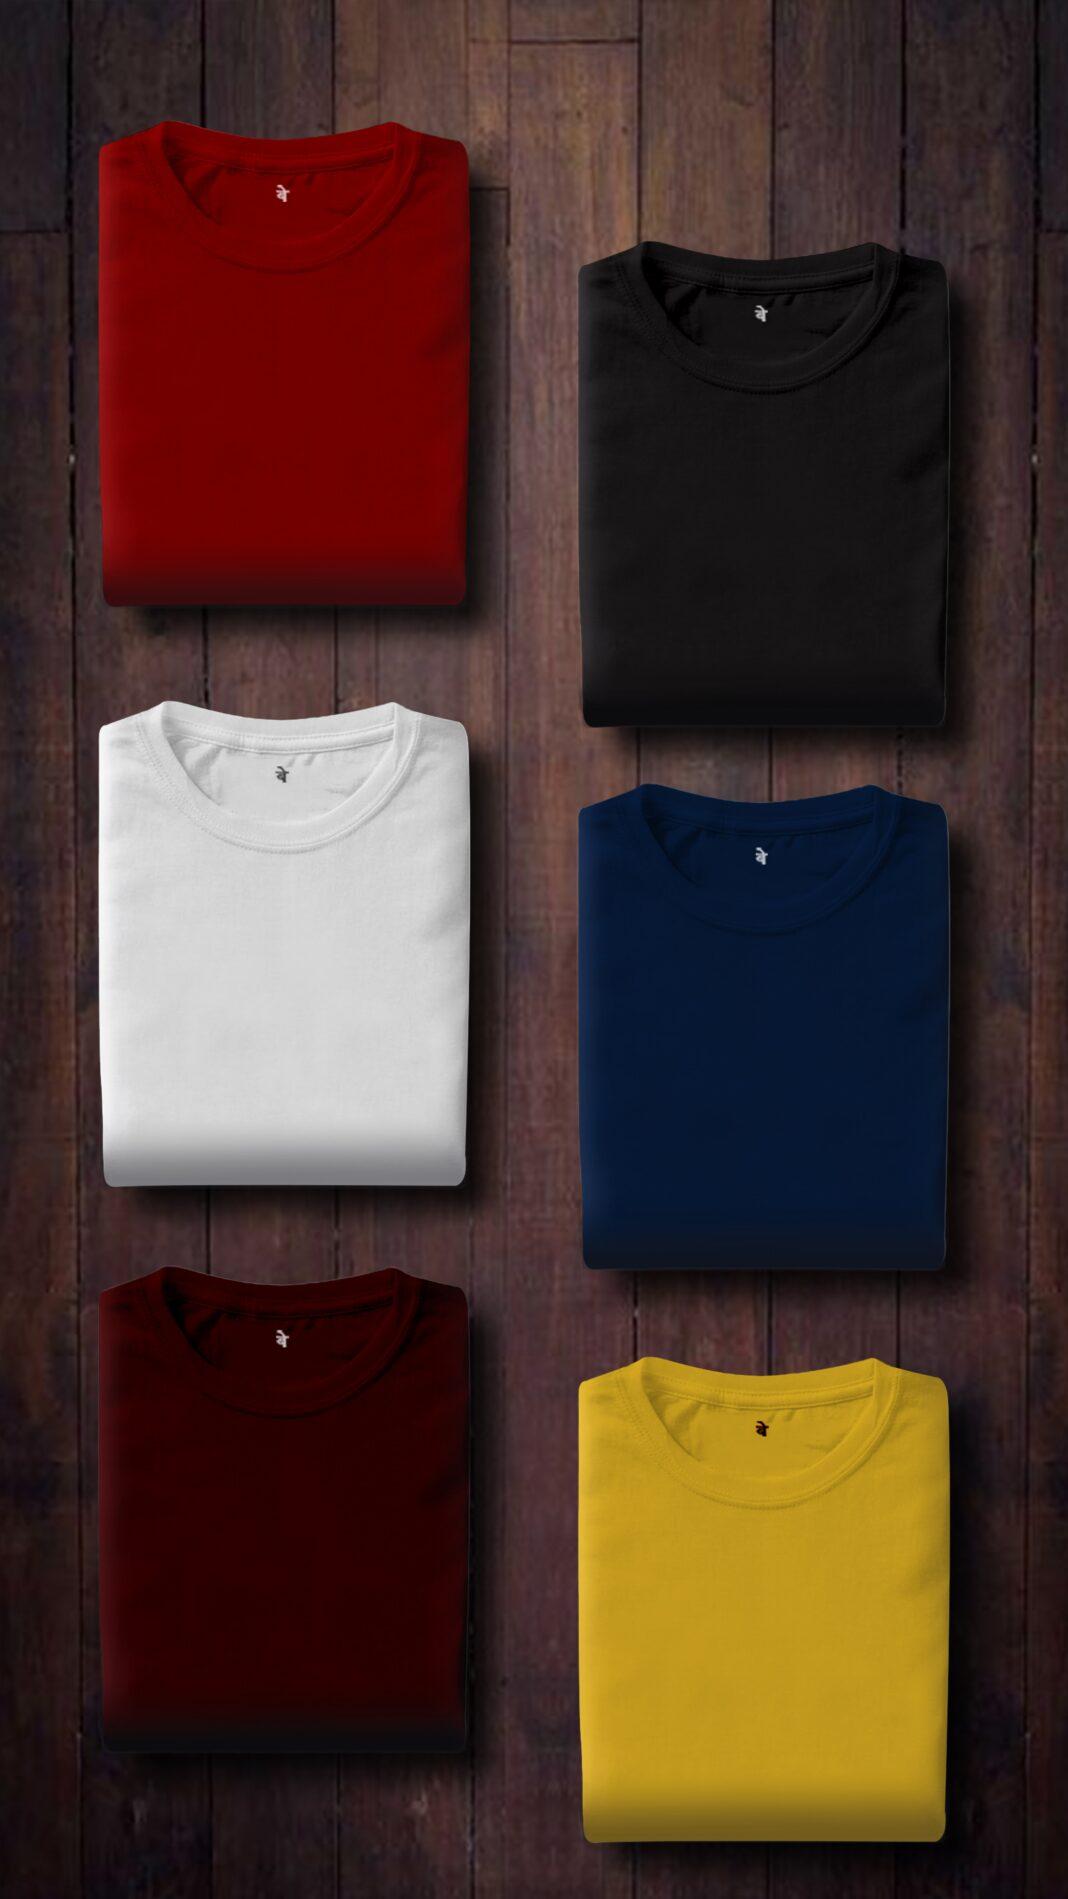 Modne printy na T-shirtach. Sprawdź nasze propozycje